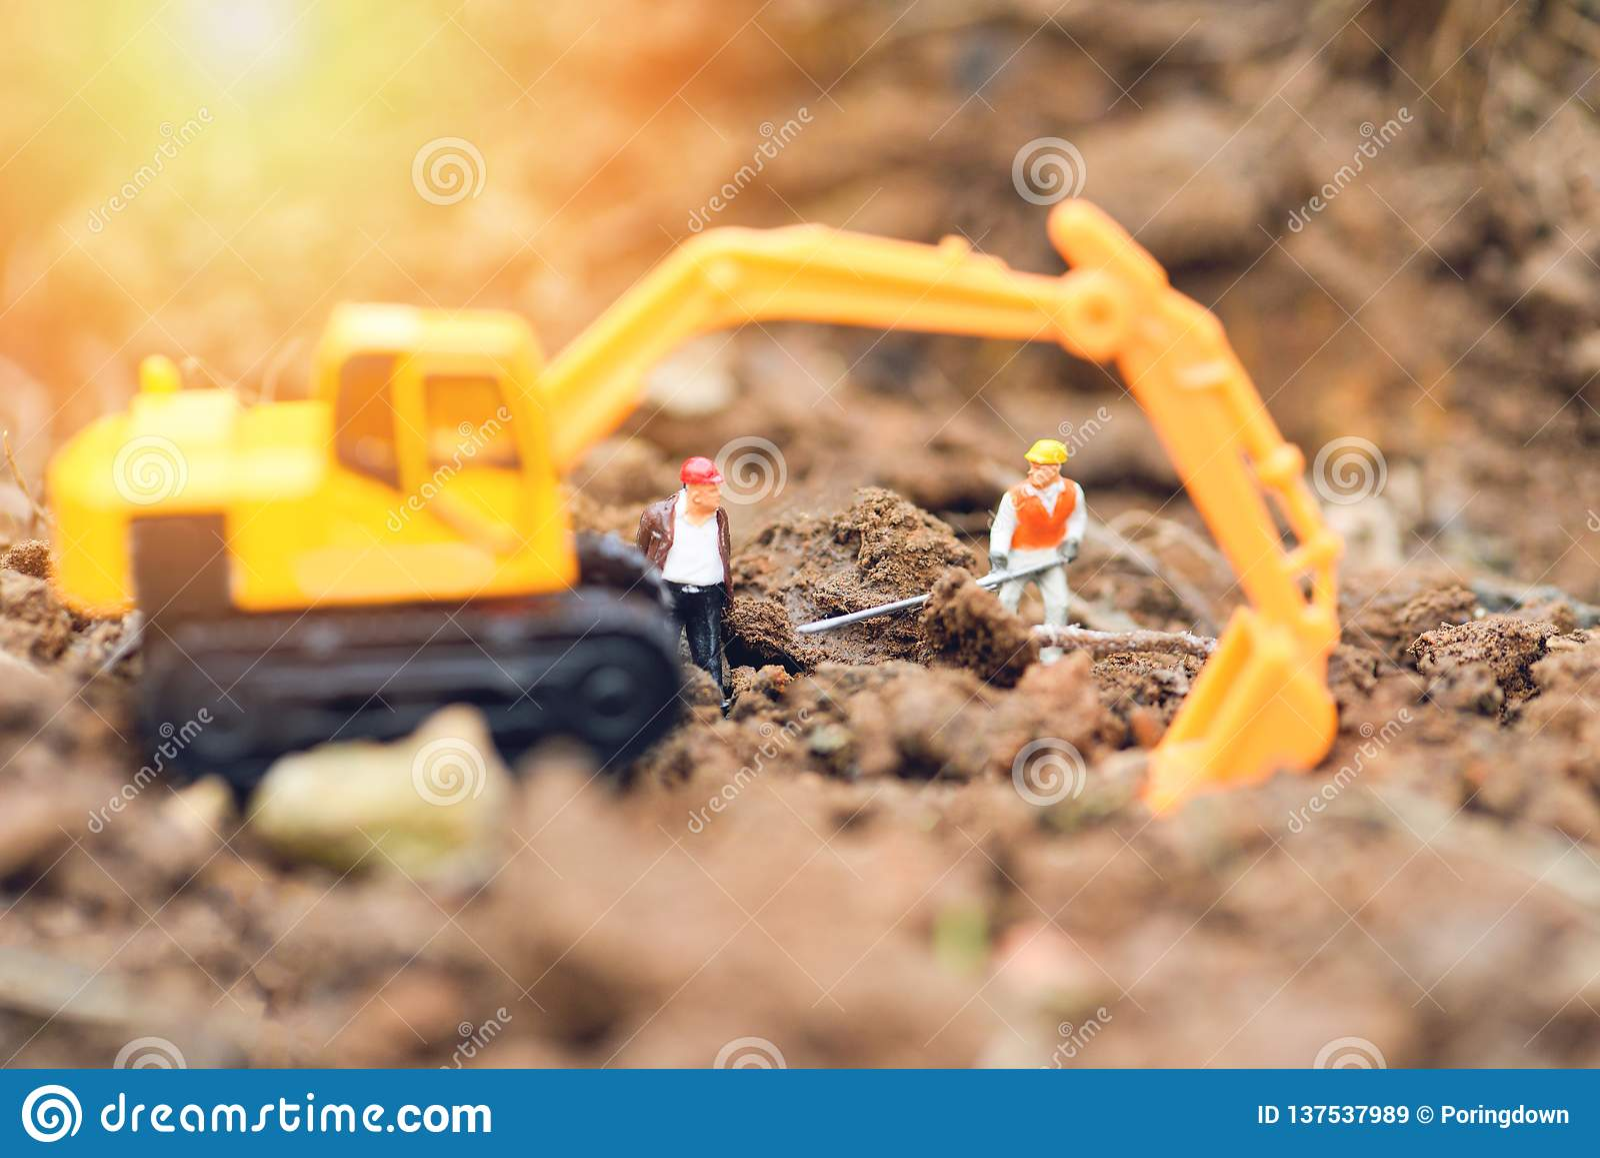 Figurines рабочий-строителя работая выкапывая земная почва с экскаватором Backhoe